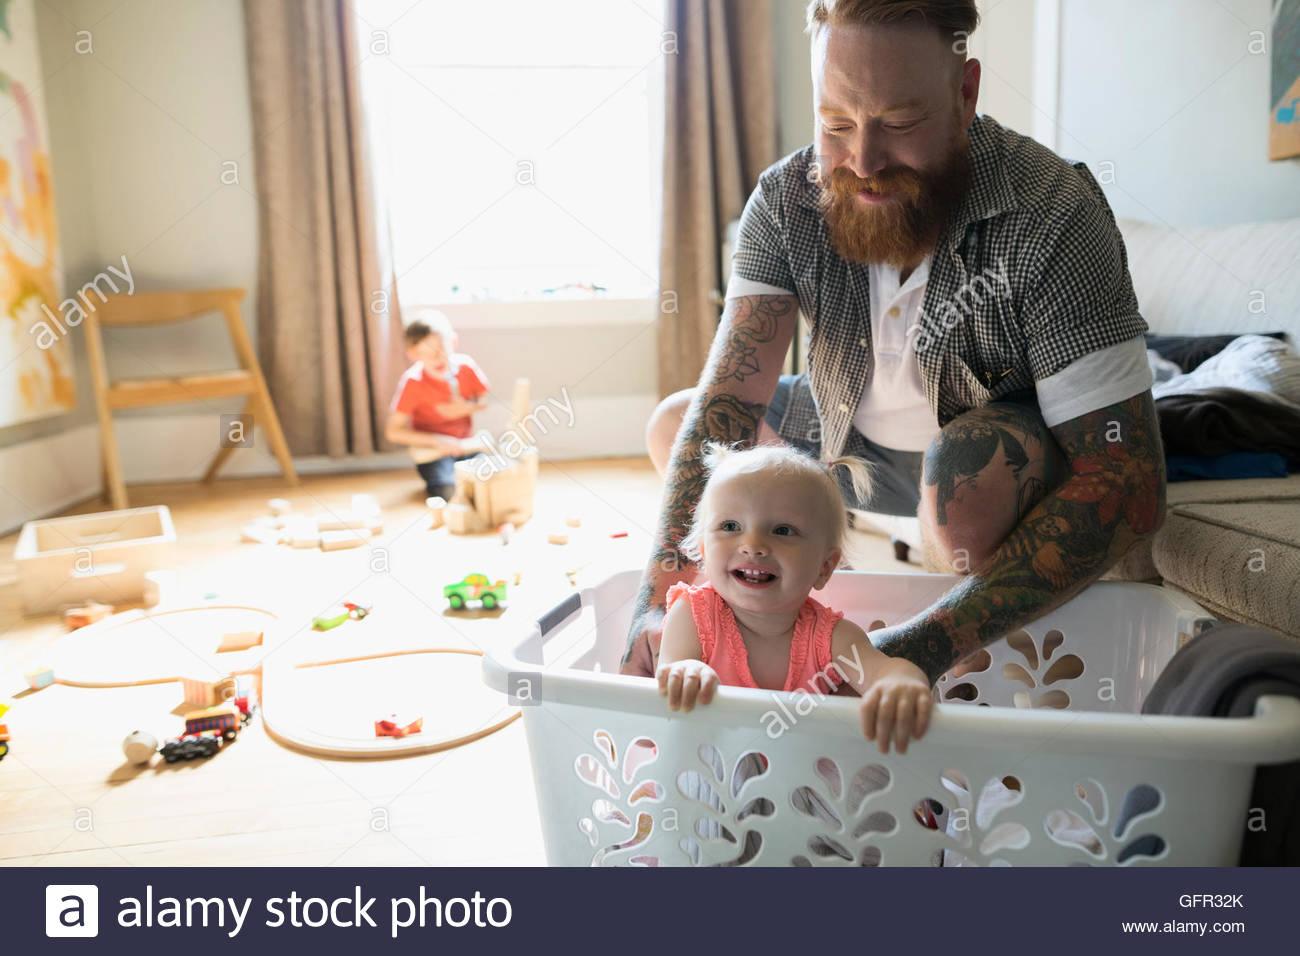 Vater mit glücklichen Tochter im Wäschekorb Stockbild